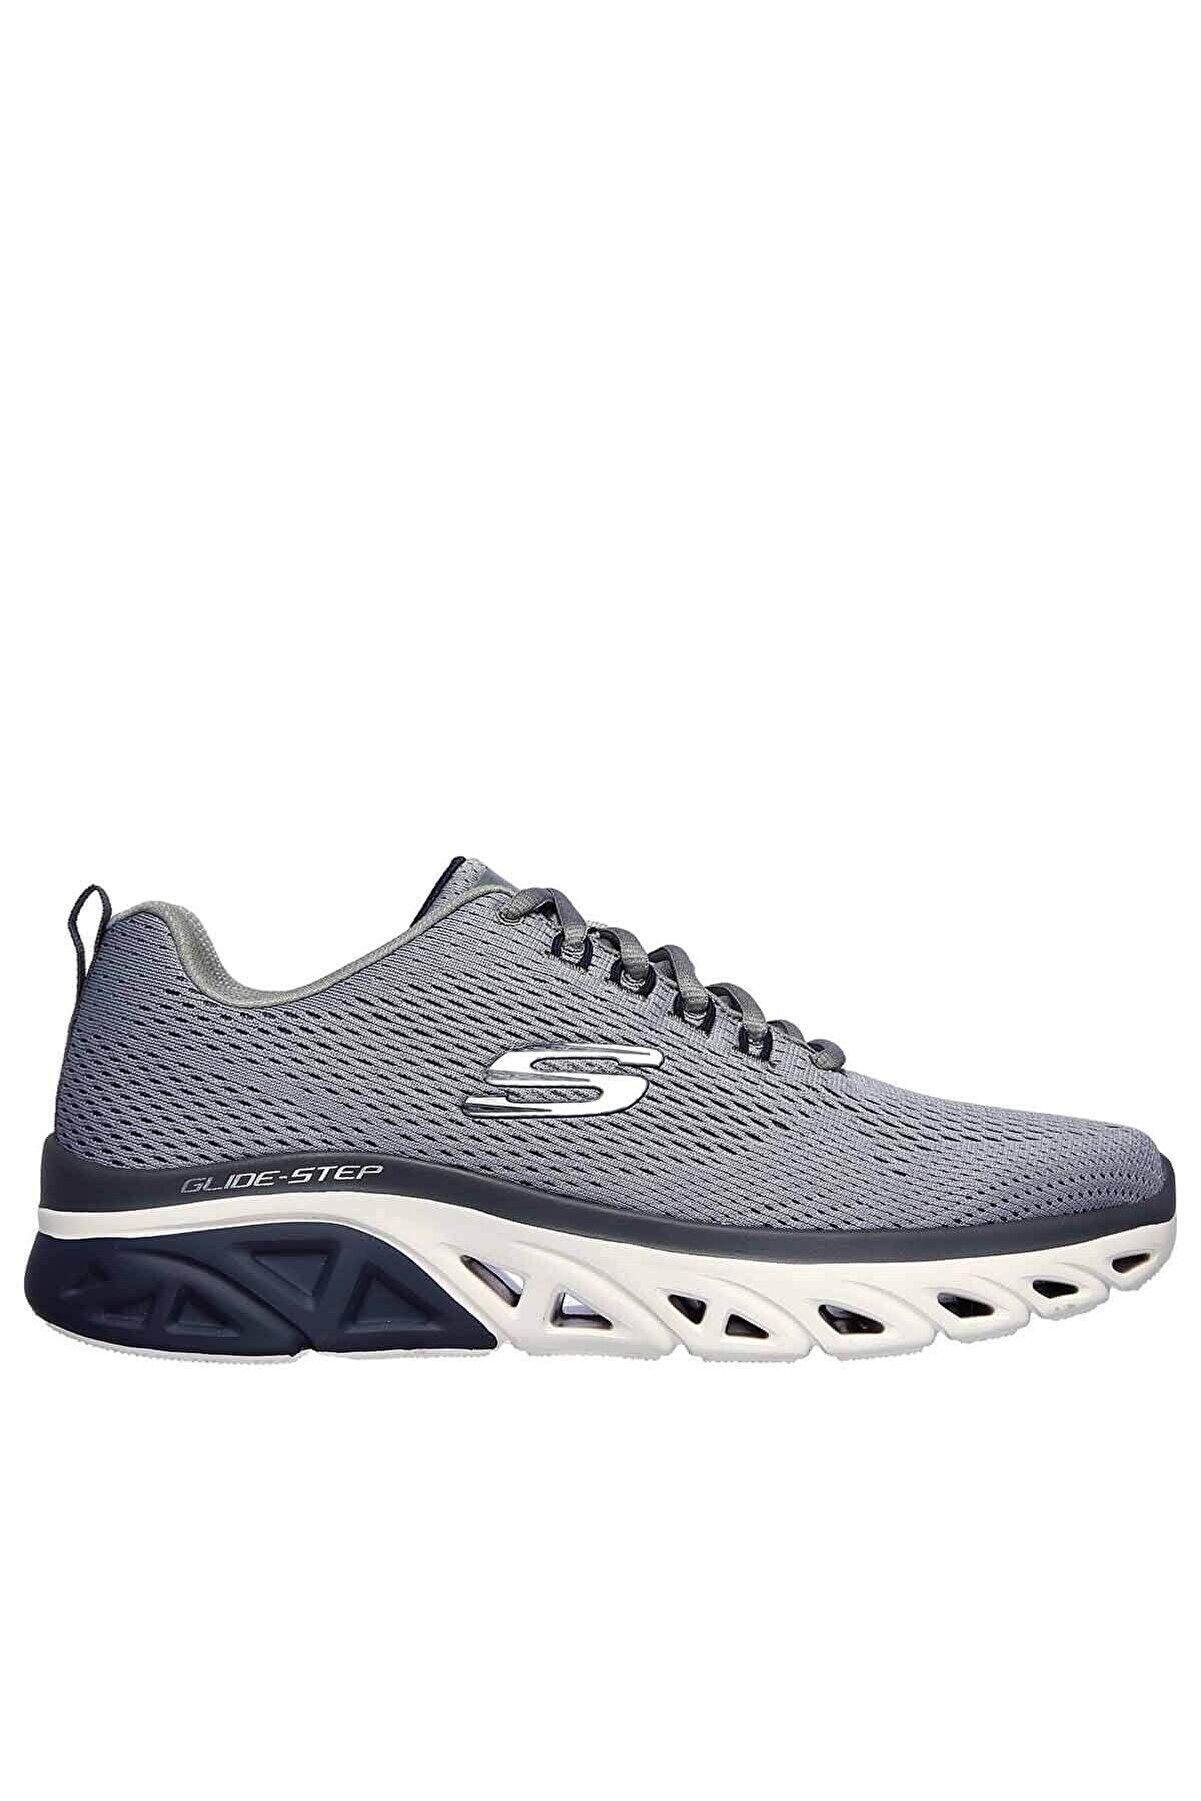 Skechers Glide-step Sport Erkek Günlük Spor Ayakkabı 232168 Gynv Gri